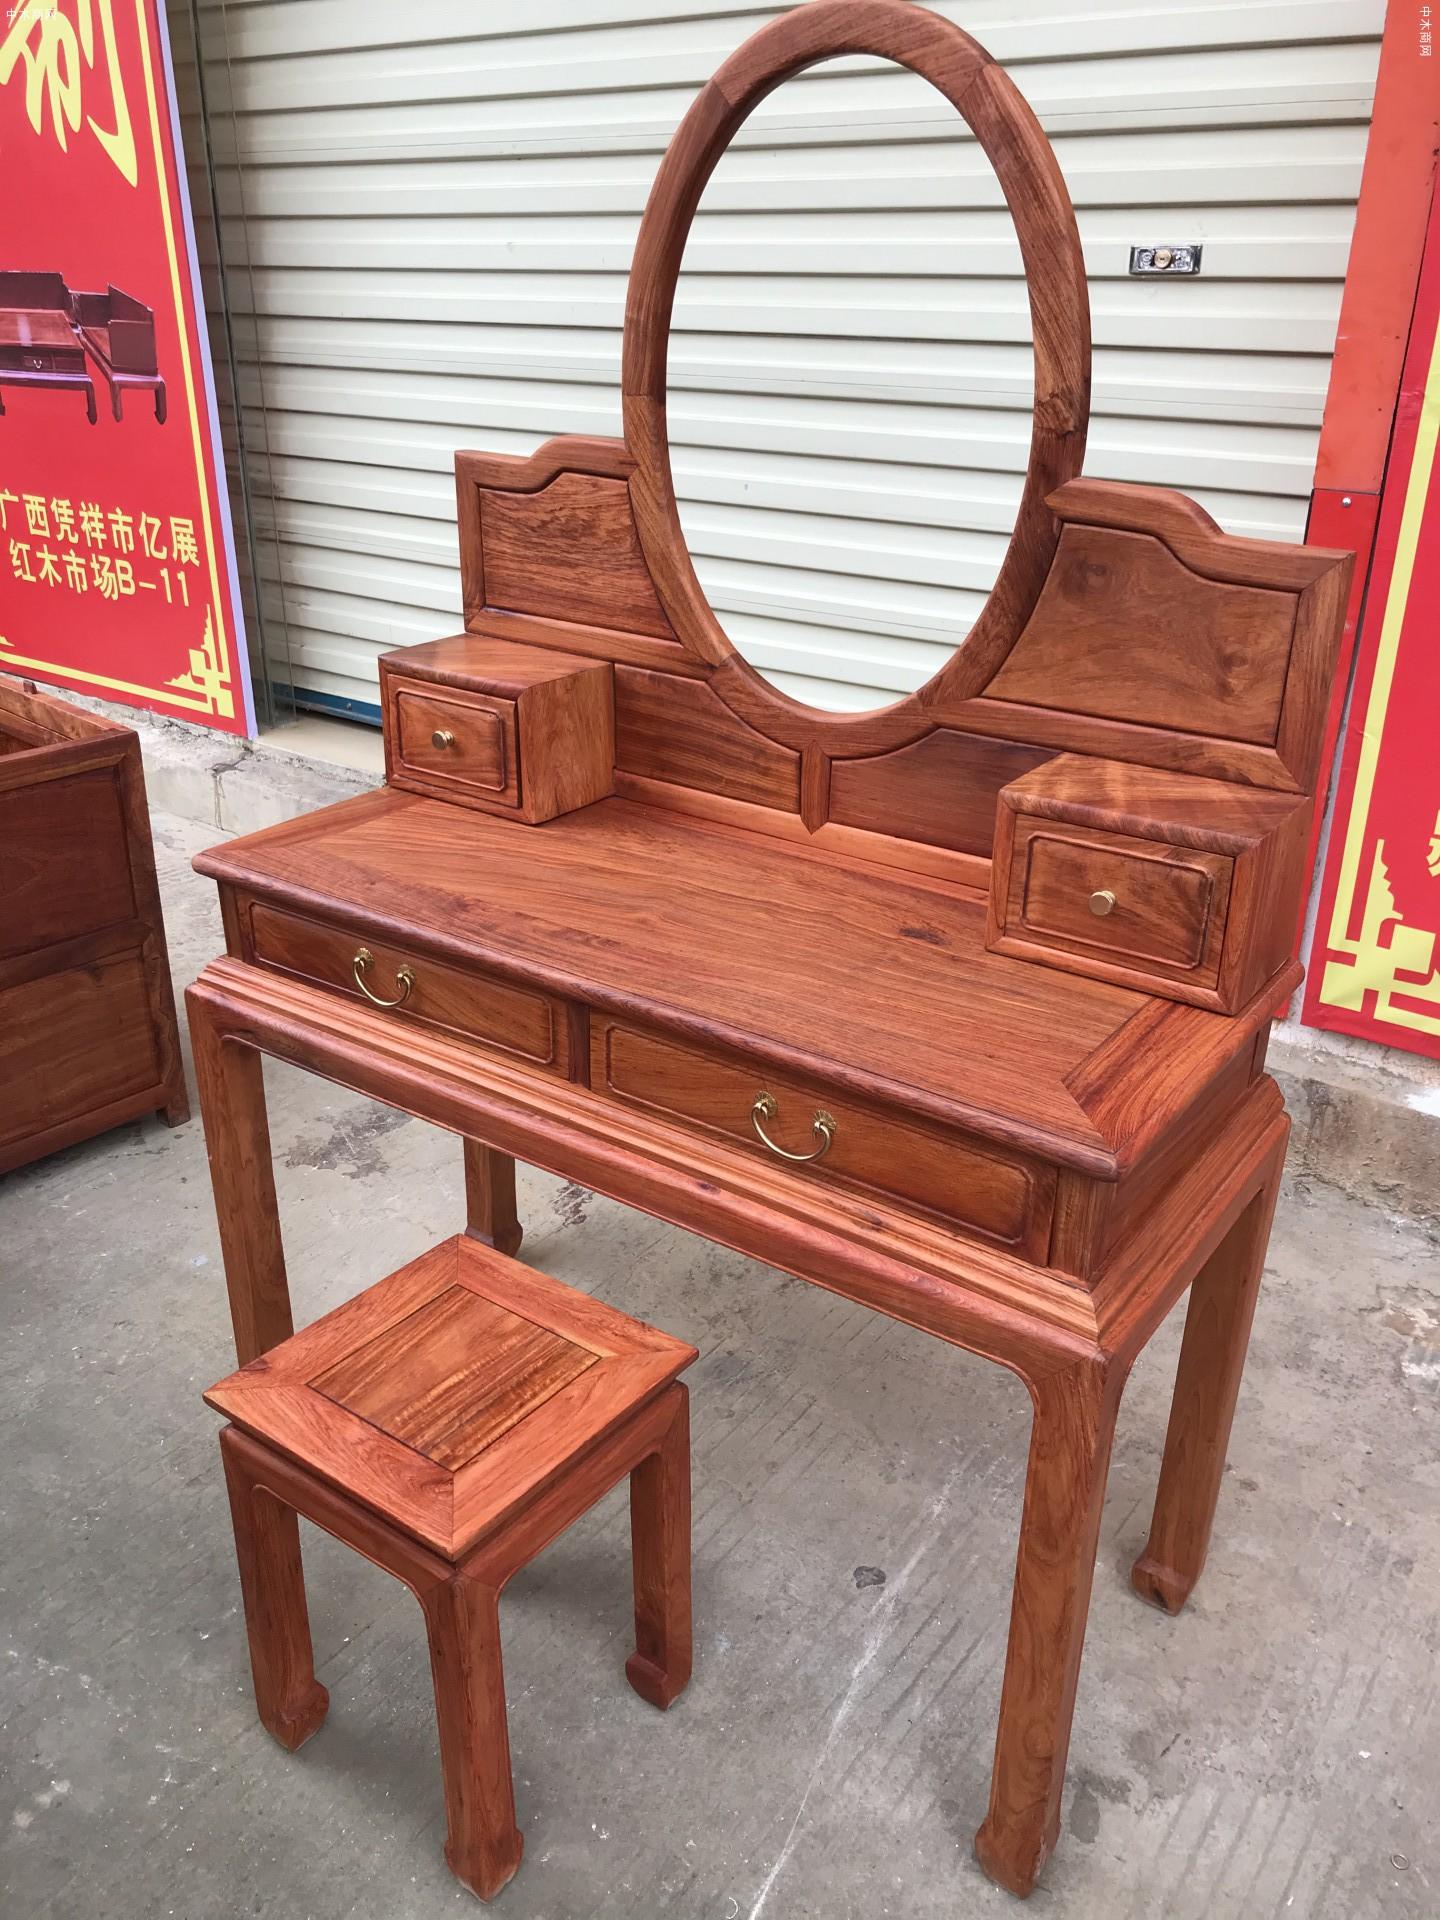 缅甸花梨木梳妆台文字介绍厂家